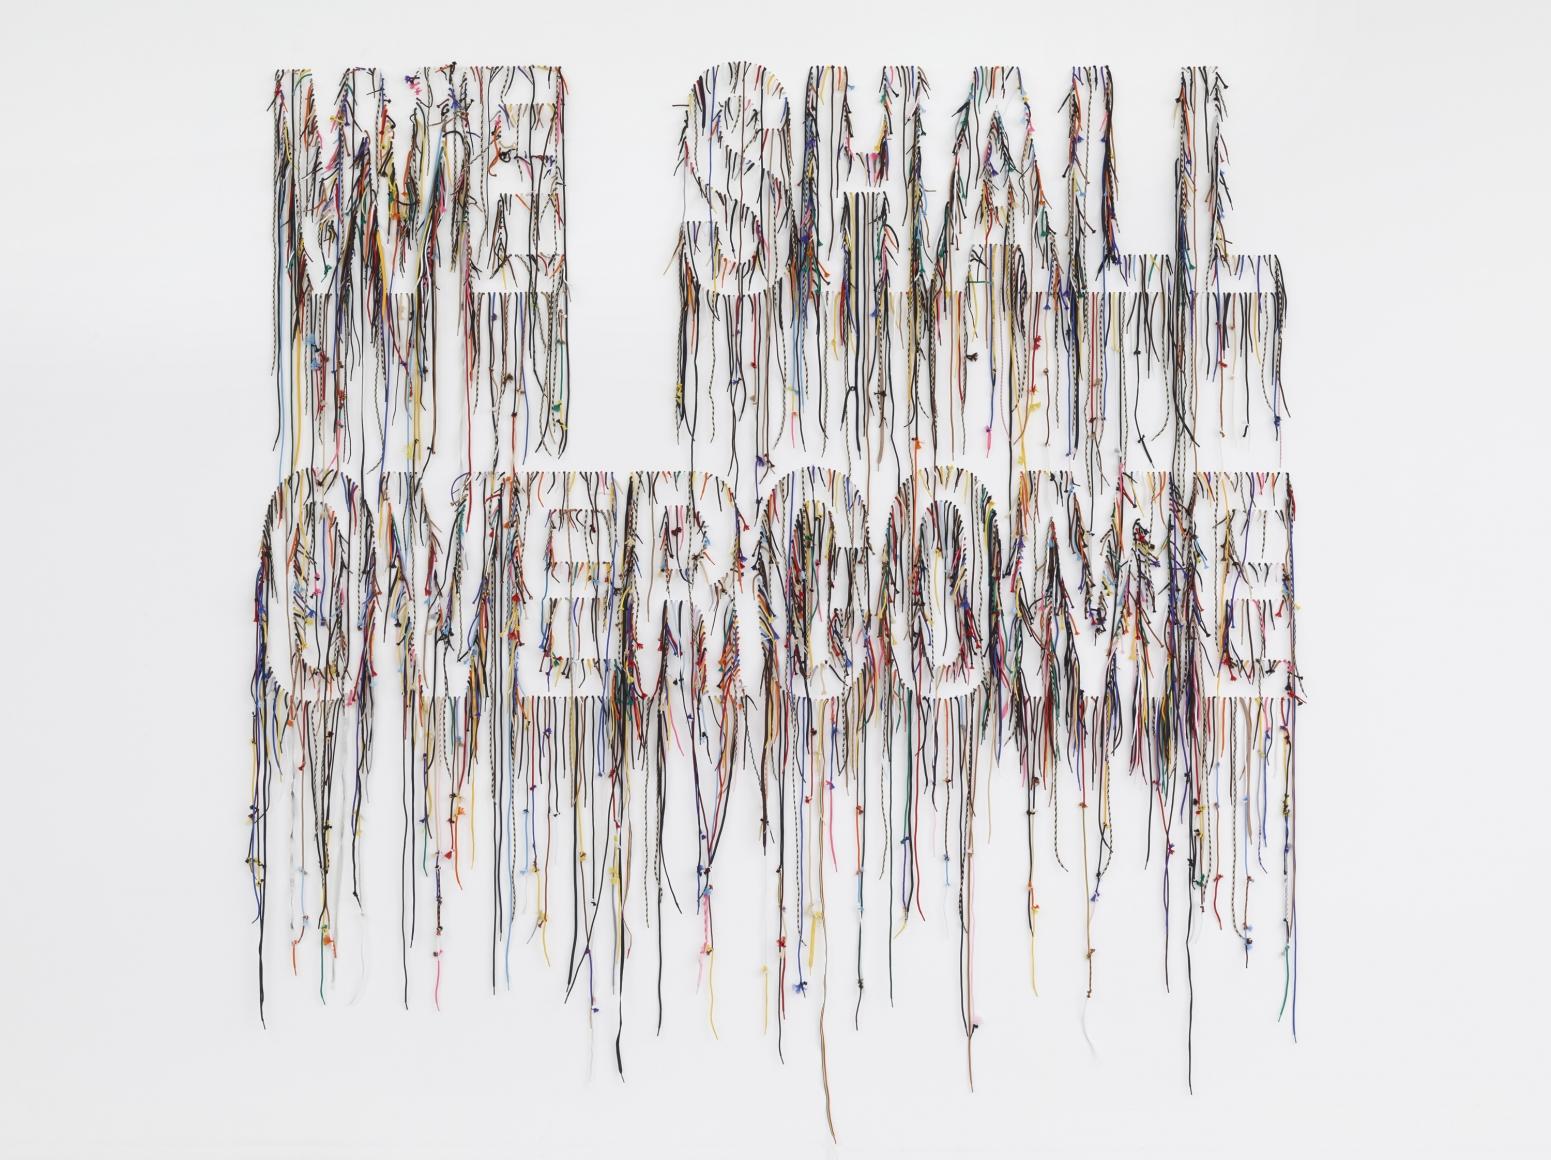 NARI WARD, We Shall Overcome, 2015